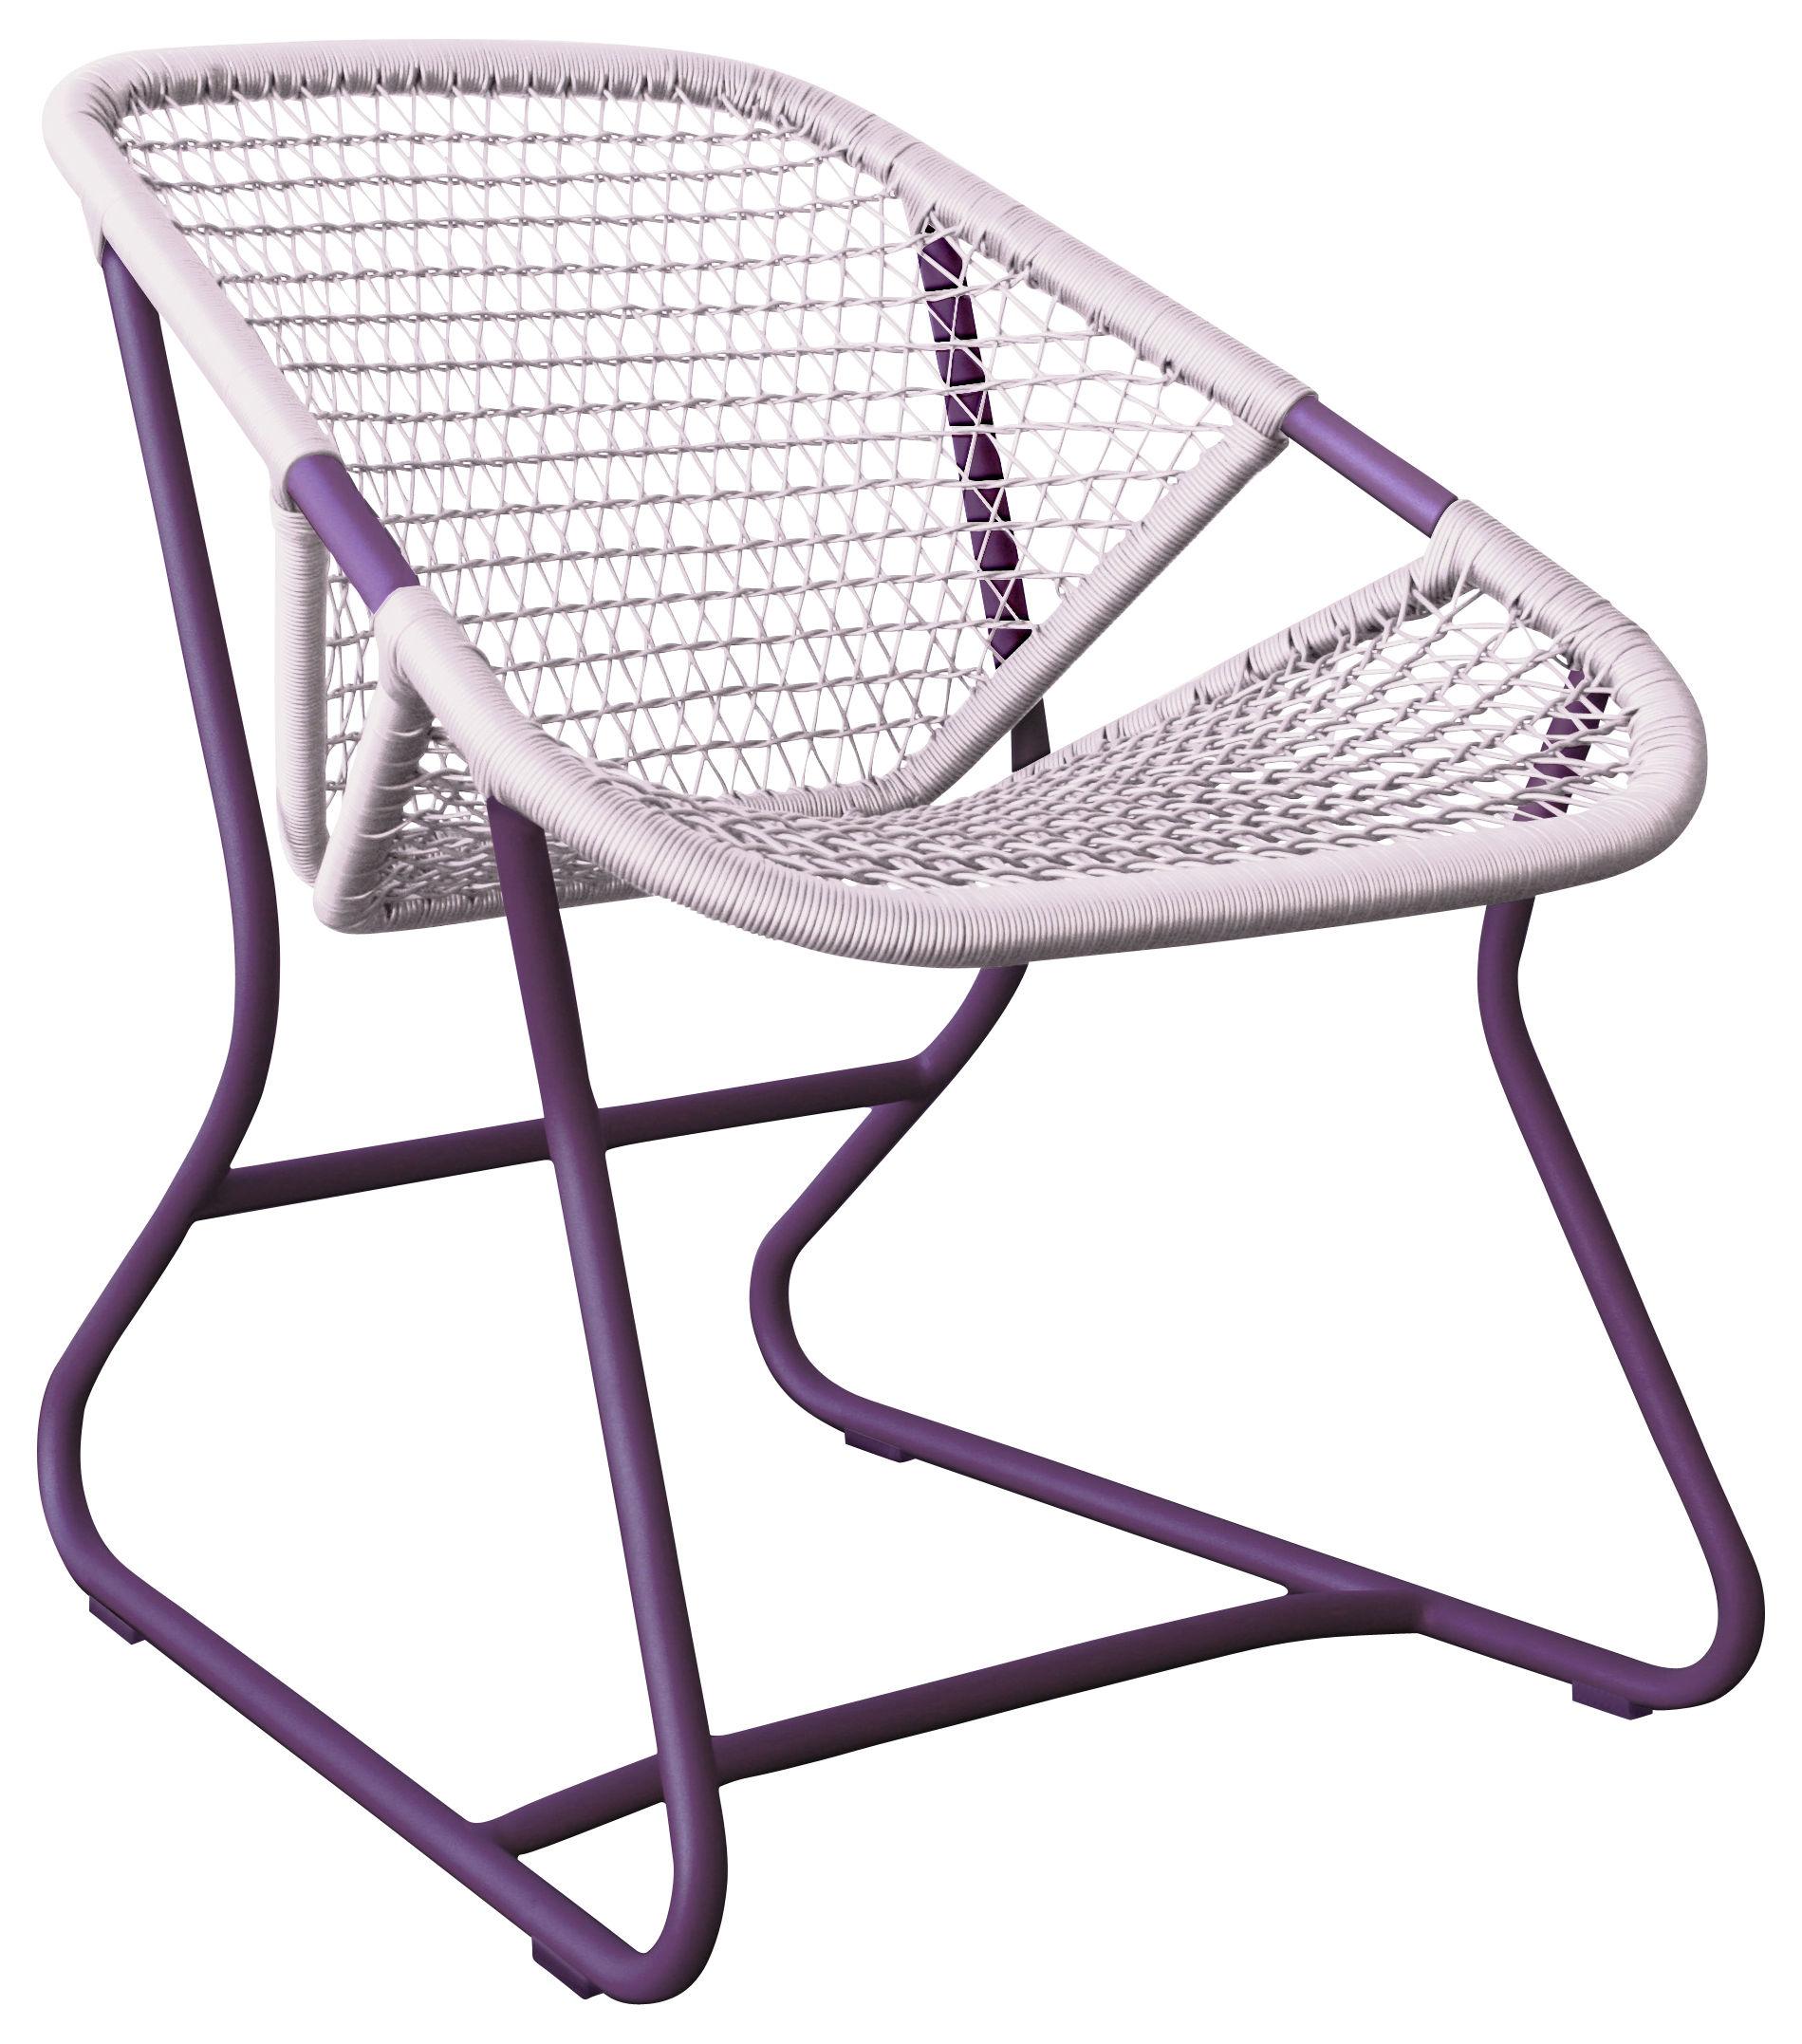 Jardin matières UK - Fabric UK - Poltrona bassa Sixties di Fermob - Piede Melanzana / Sedile Rosa gomma - Alluminio, Materiale plastico